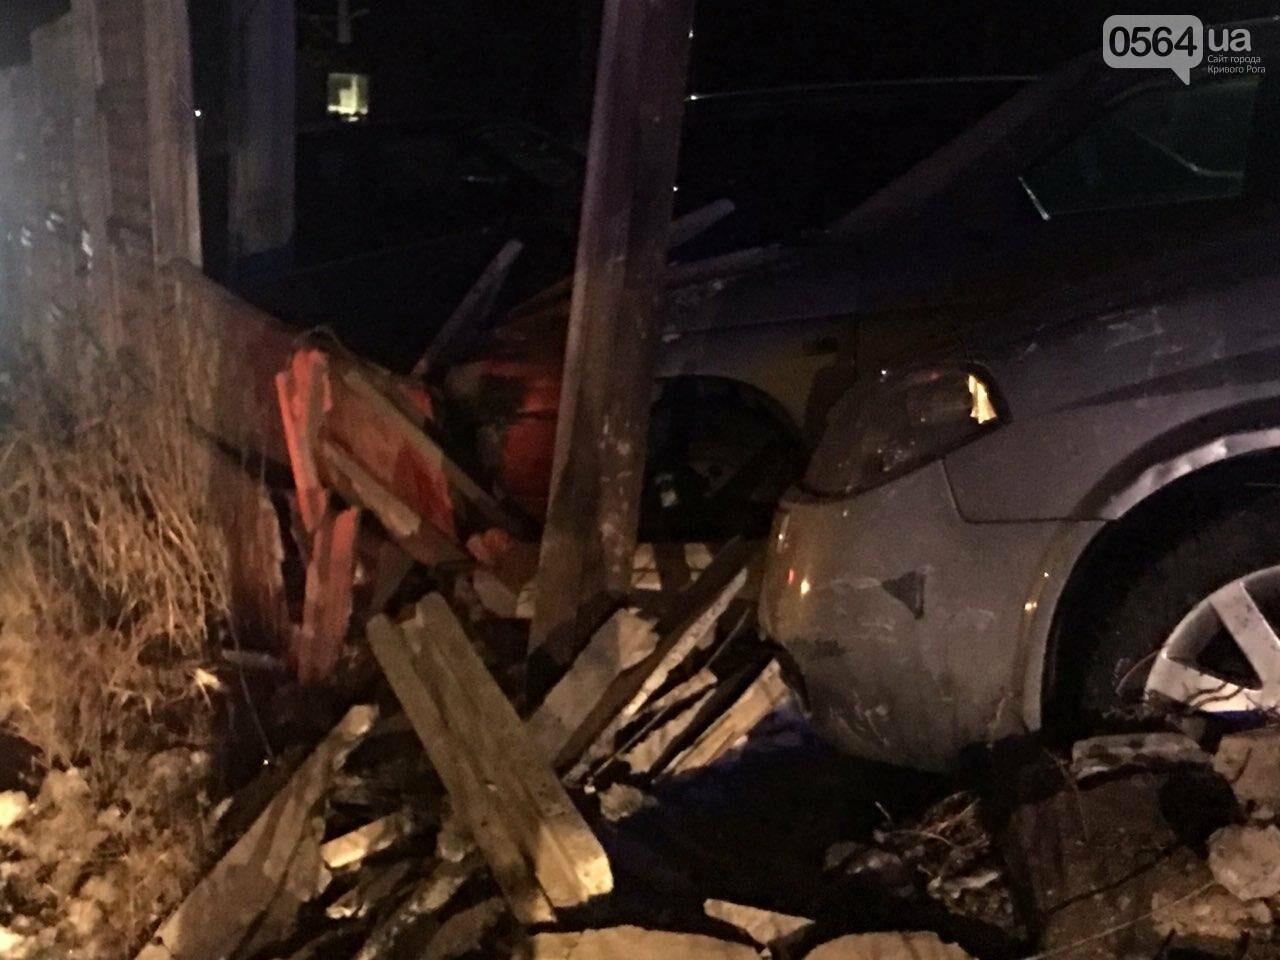 """В Кривом Роге """"BMW"""" снес забор стоянки: повреждено около 10 машин, есть пострадавший, - ФОТО , фото-19"""